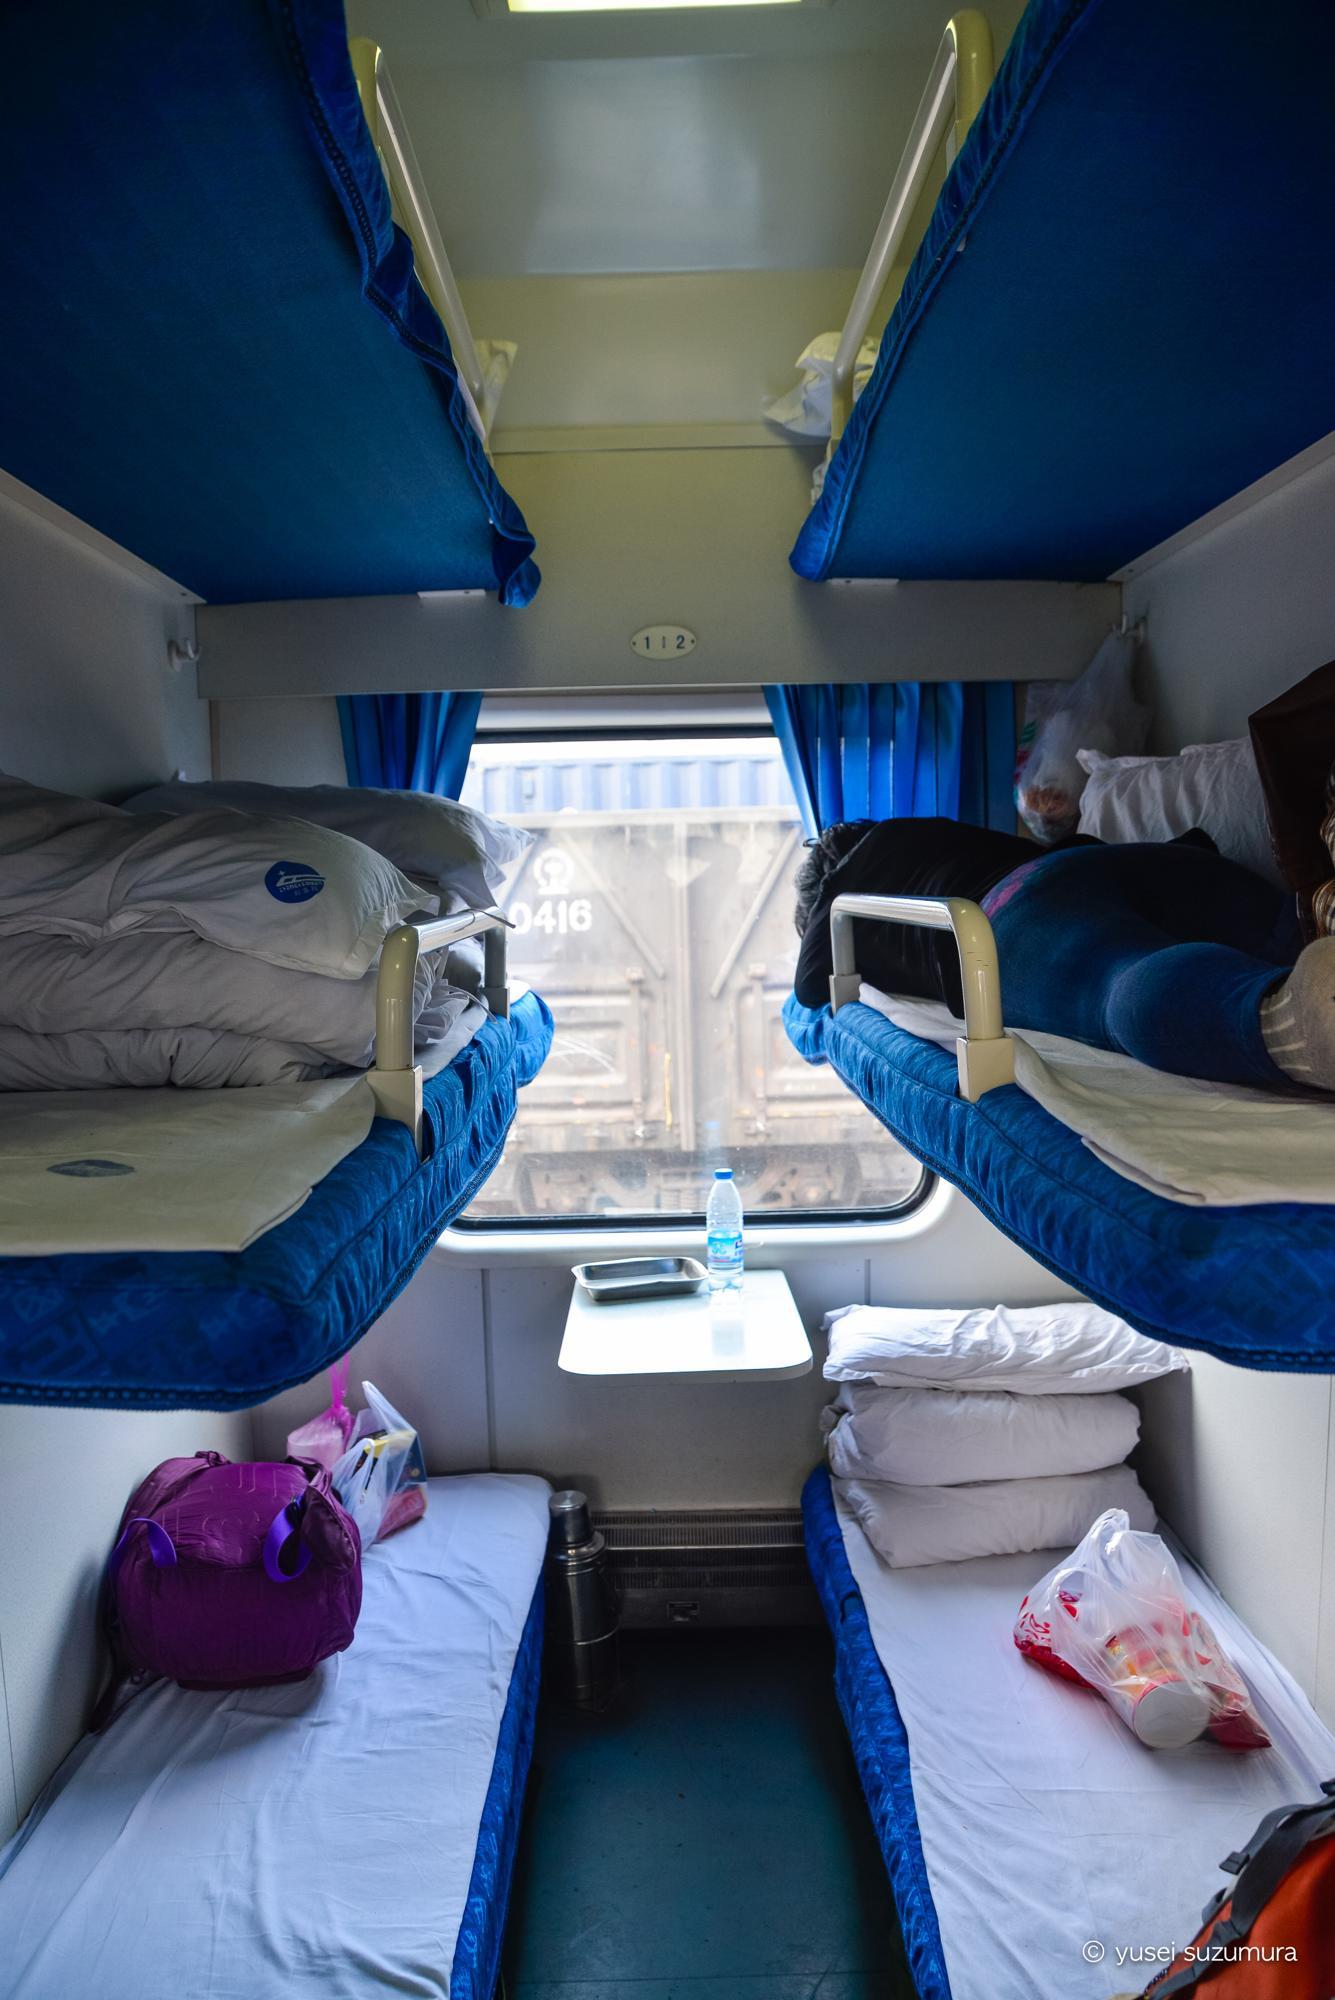 中国の寝台列車 内部